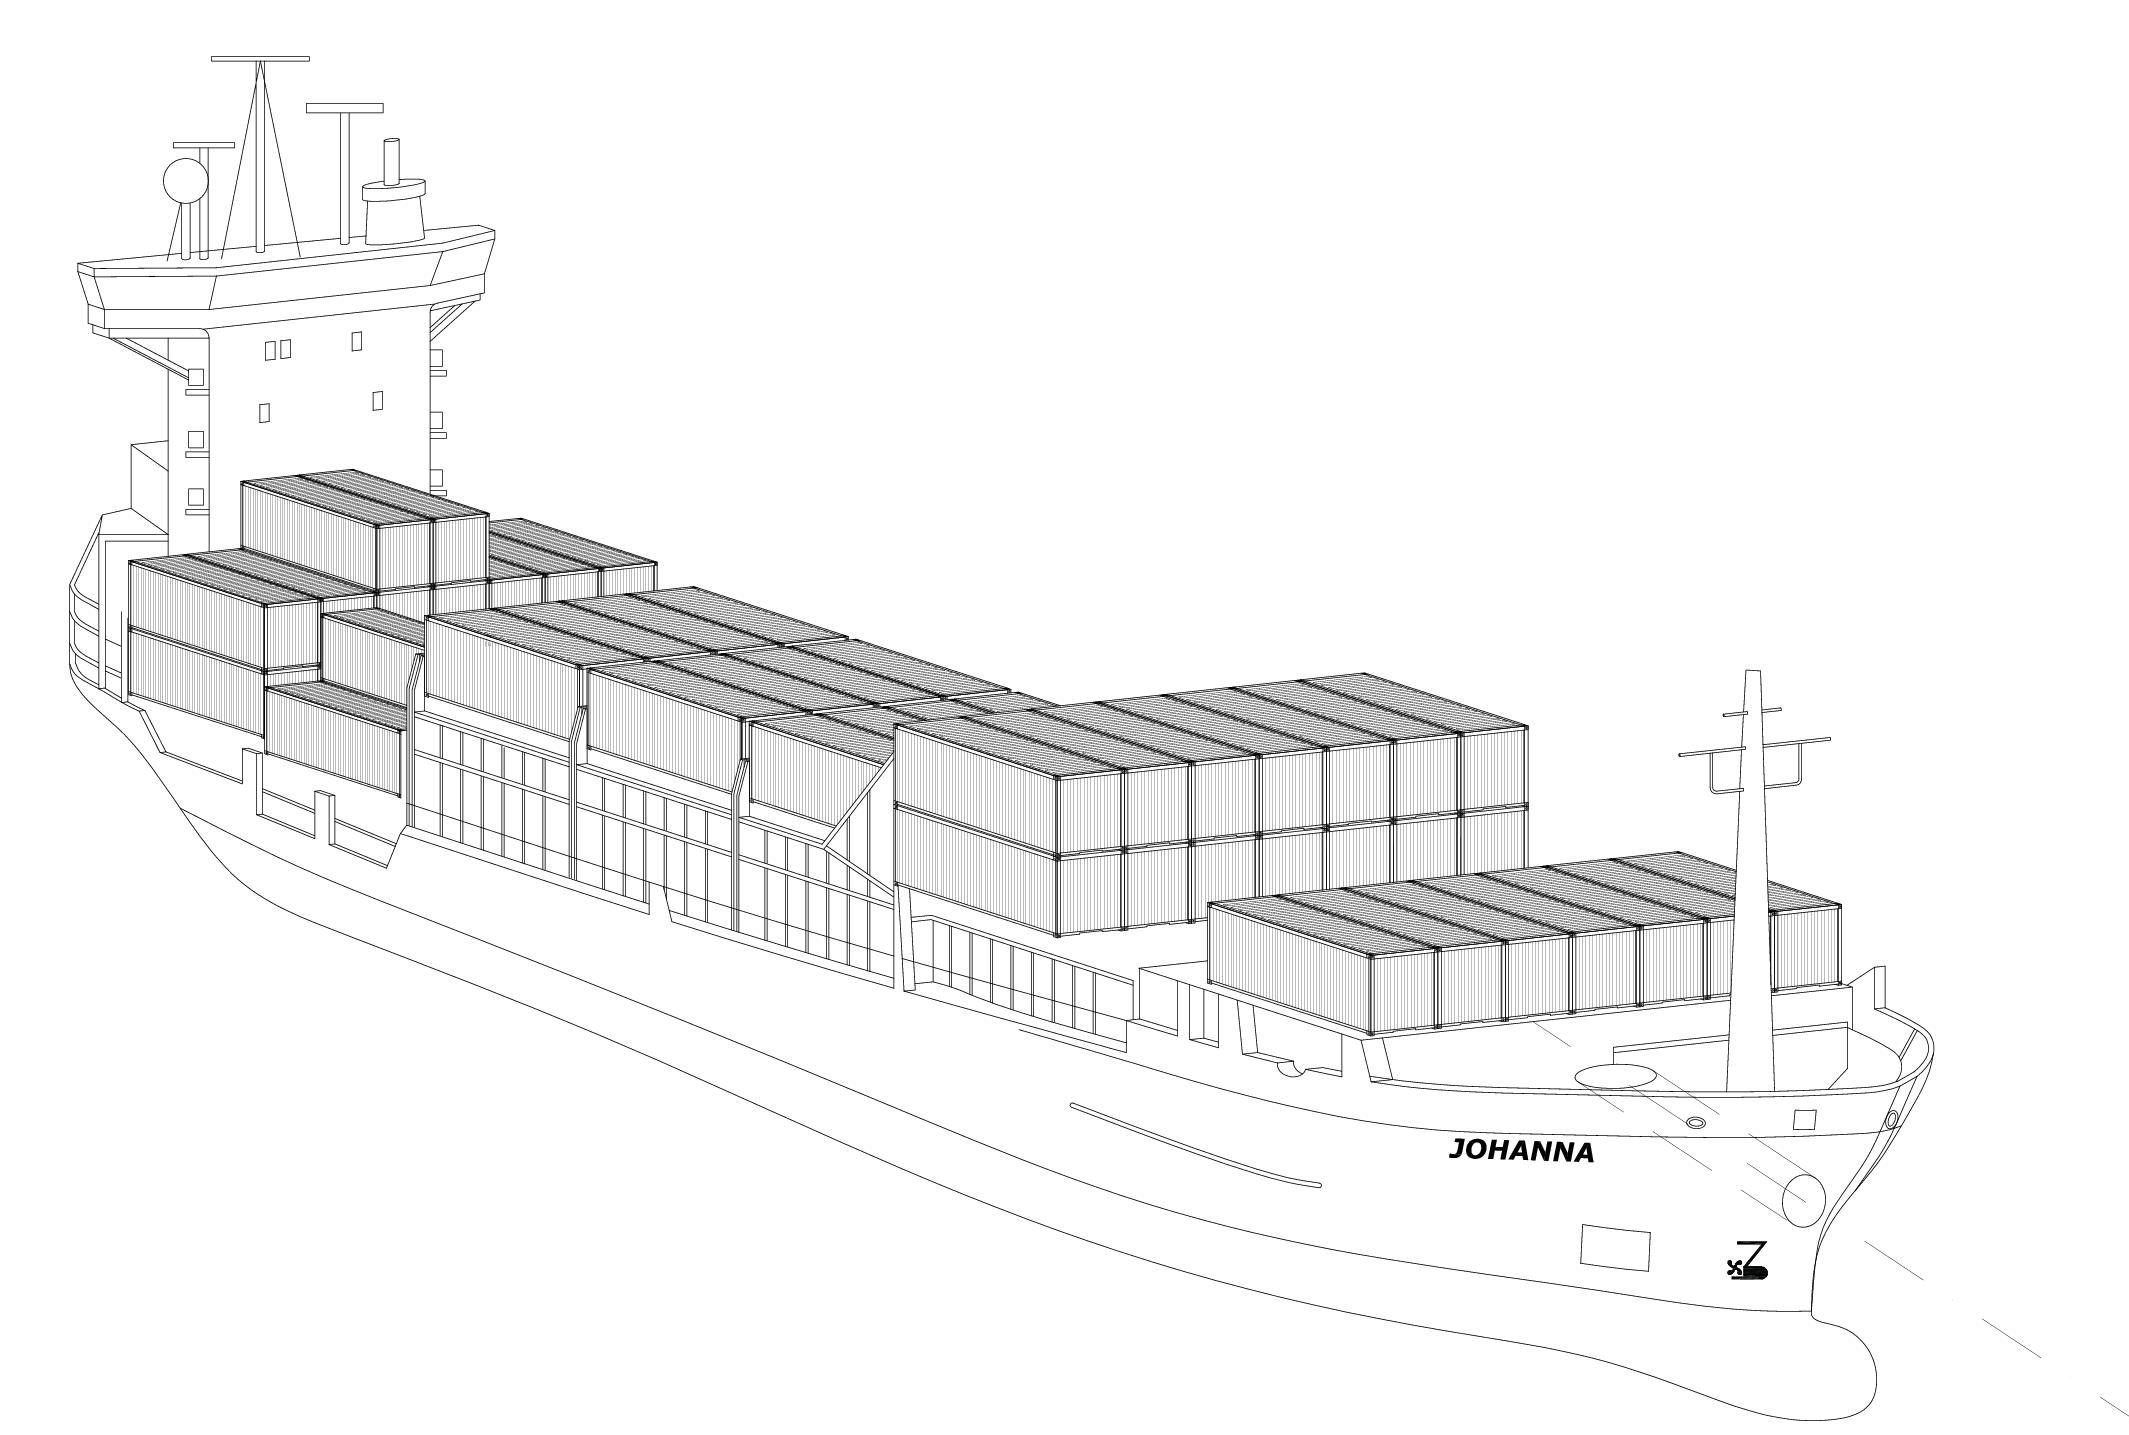 filecontainerschiff johanna sw  wikimedia commons